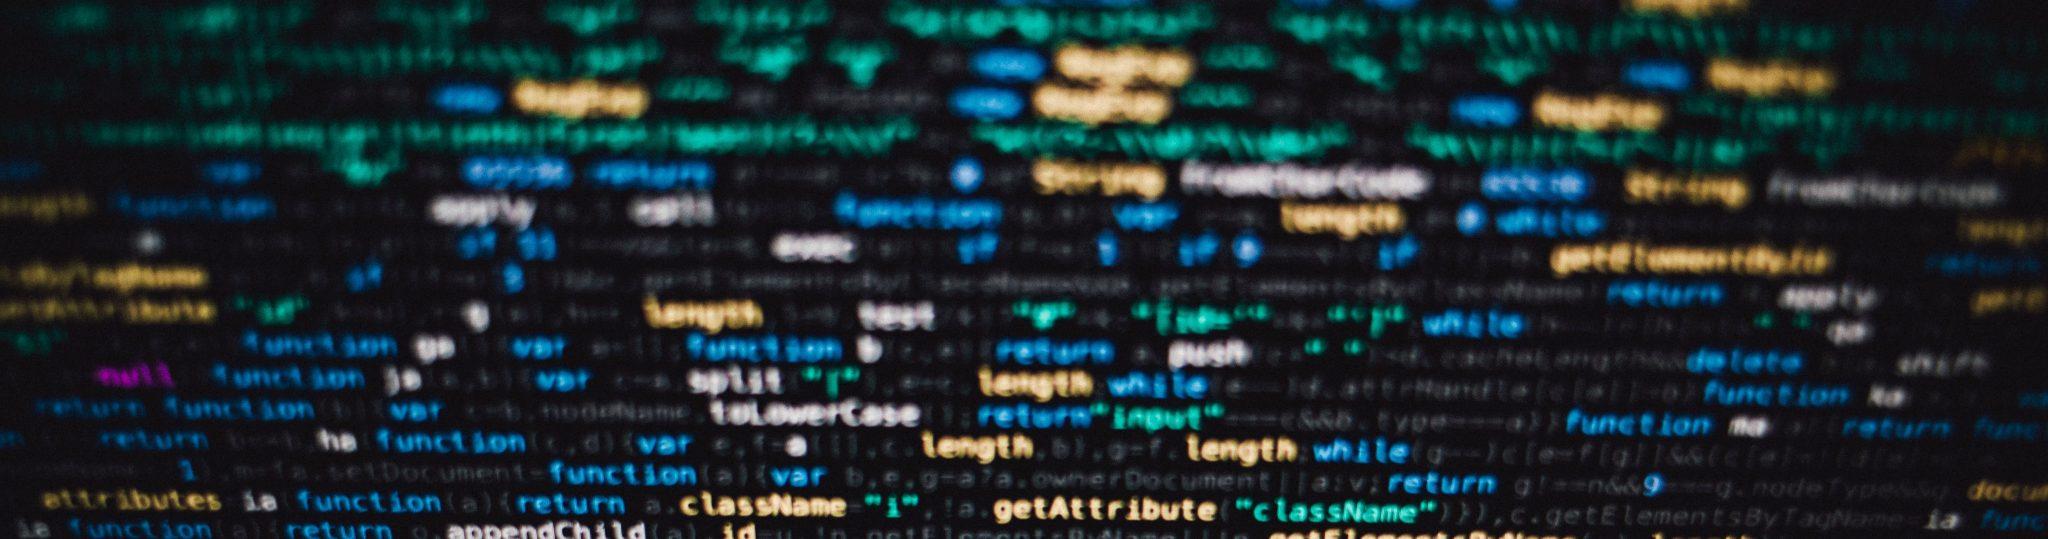 Przechowywanie danych w chmurze vs. serwerze. Odzyskiwanie danych z macierzy RAID – co musisz wiedzieć?